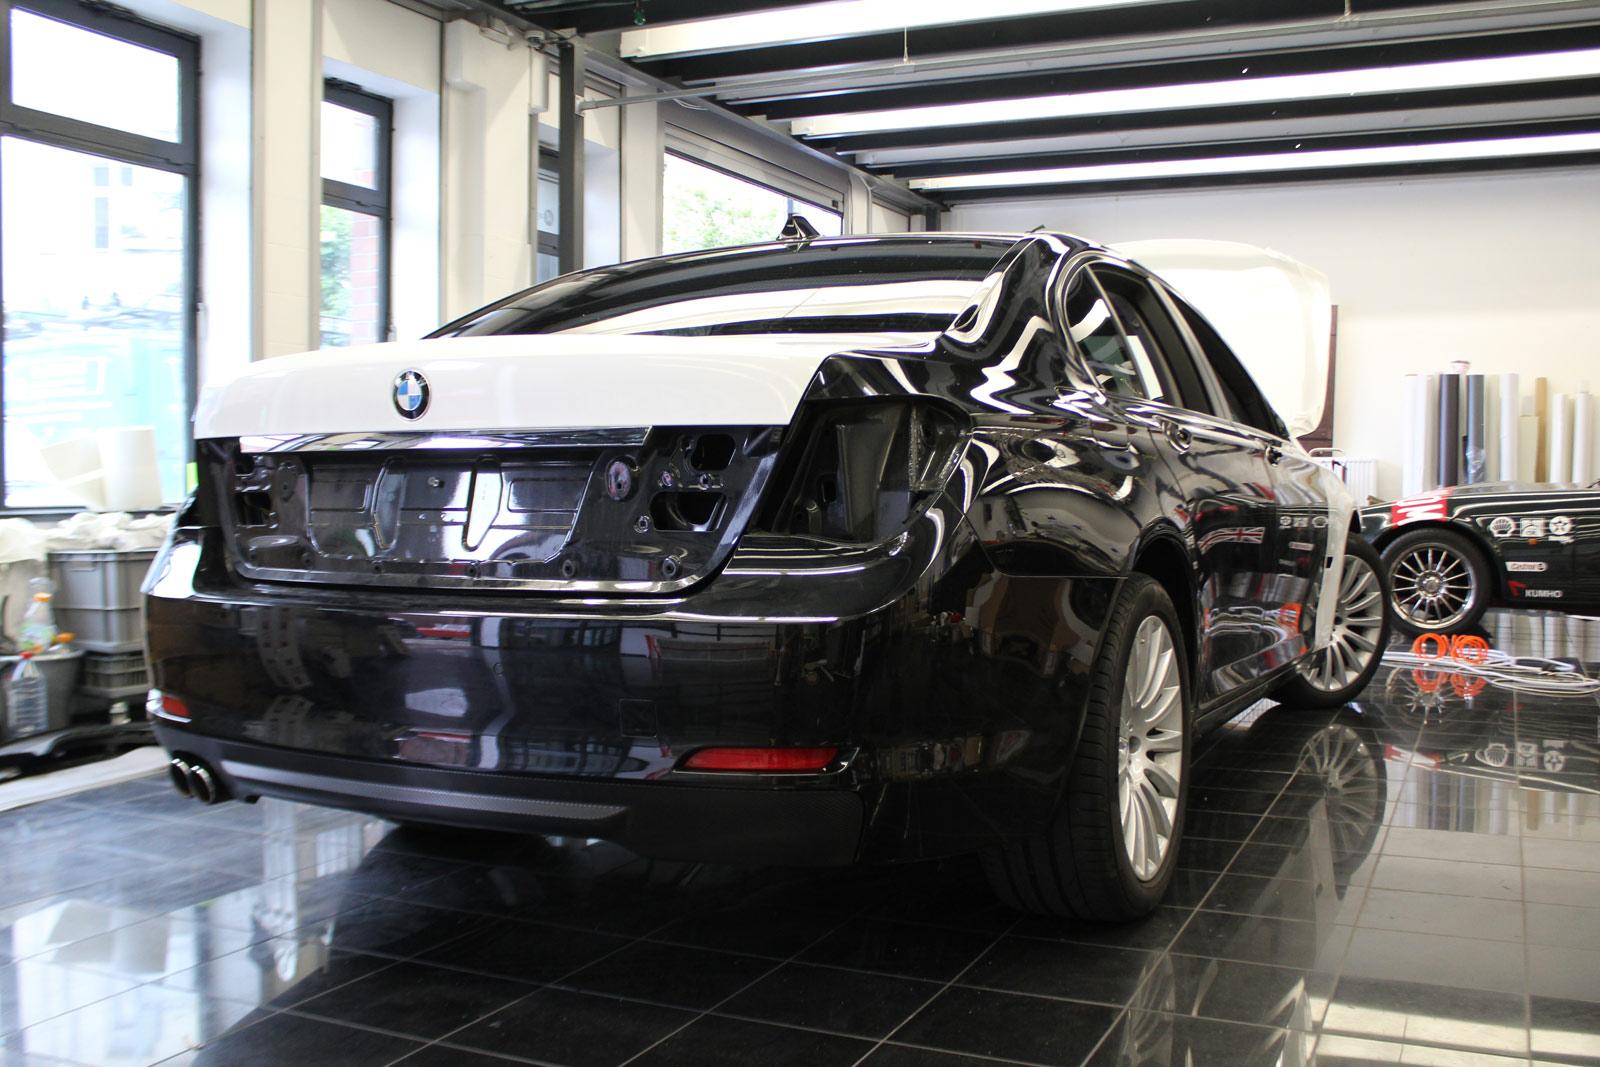 BMW_7er_Folierung_Weiss_Metallic_Schwarz_Glanz_27